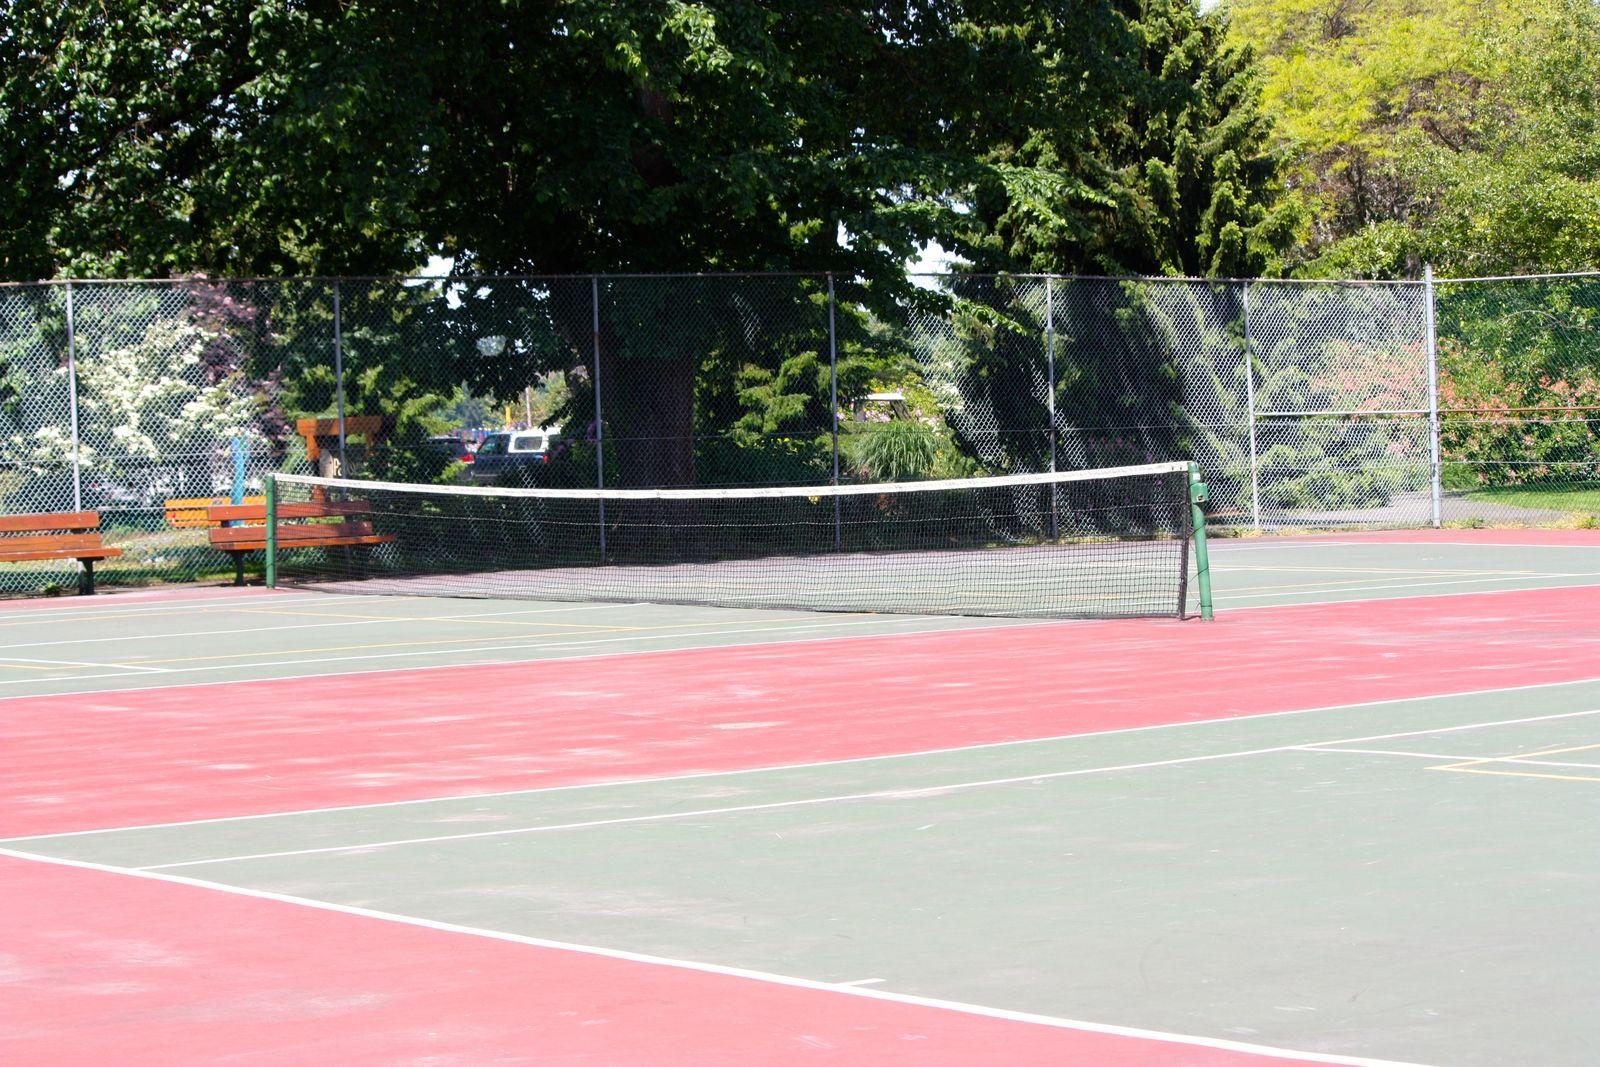 tennis-tourist-community-park-parksville-tennis-court-inside